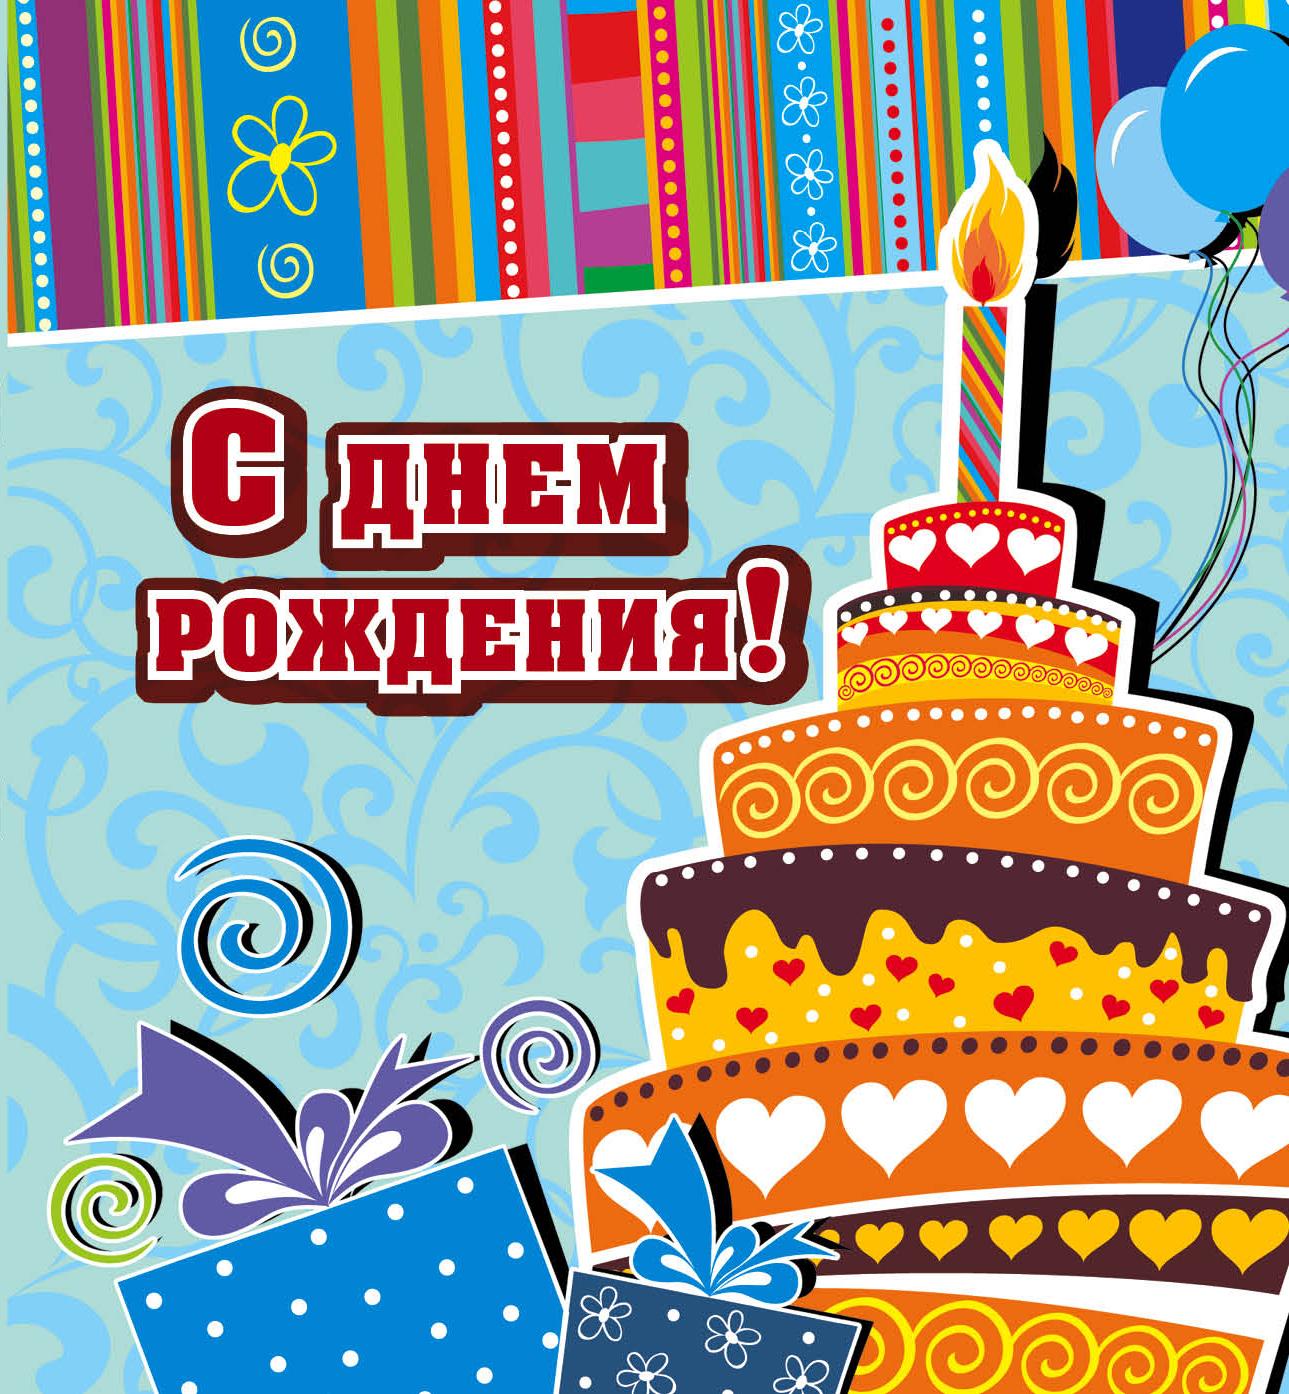 Поздравления с днем рождения книга